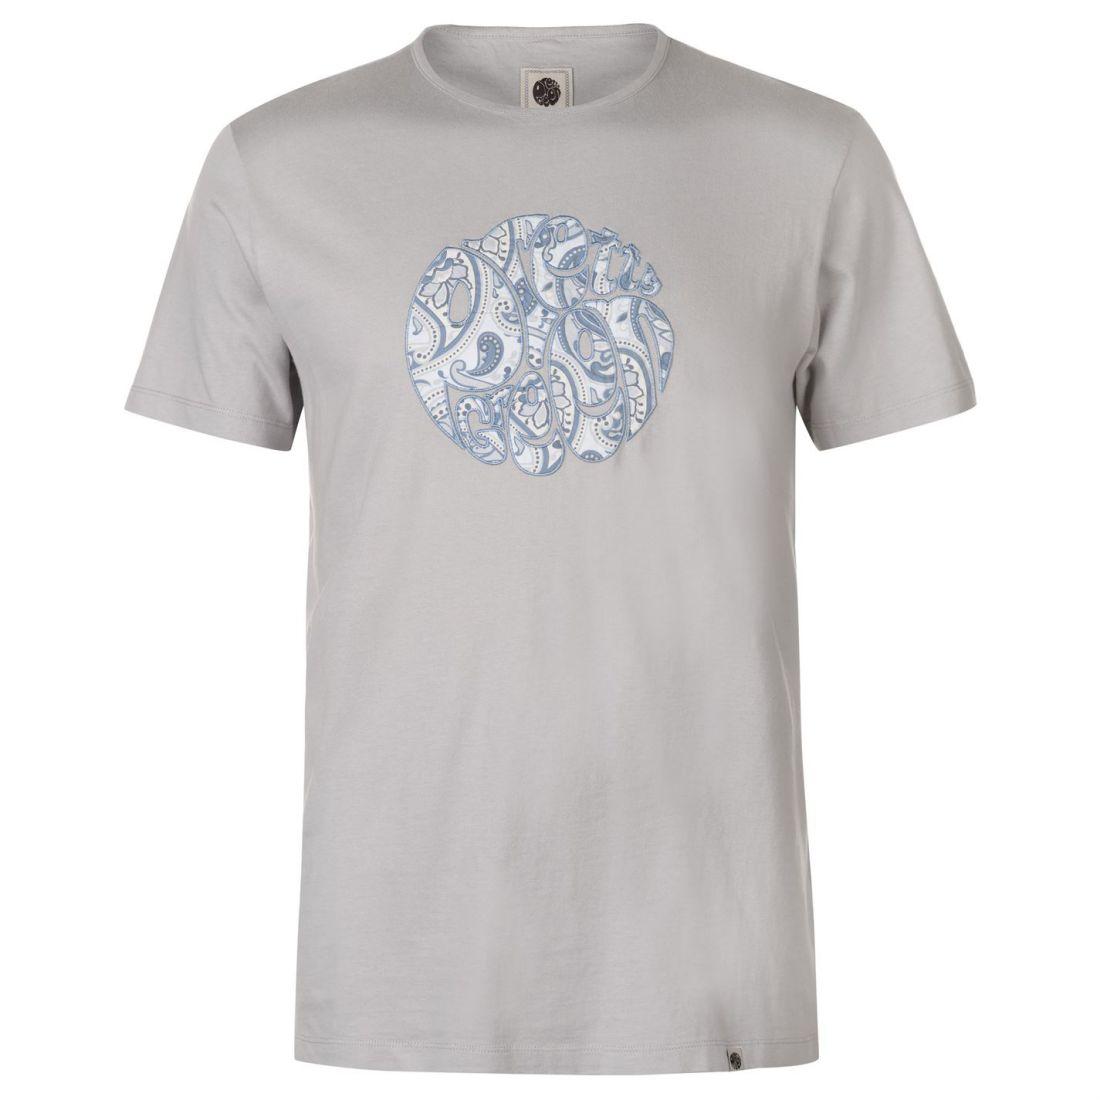 567d64f3ad Mens Pretty Green Paisley Print Applique T Shirt Crew Neck Short ...